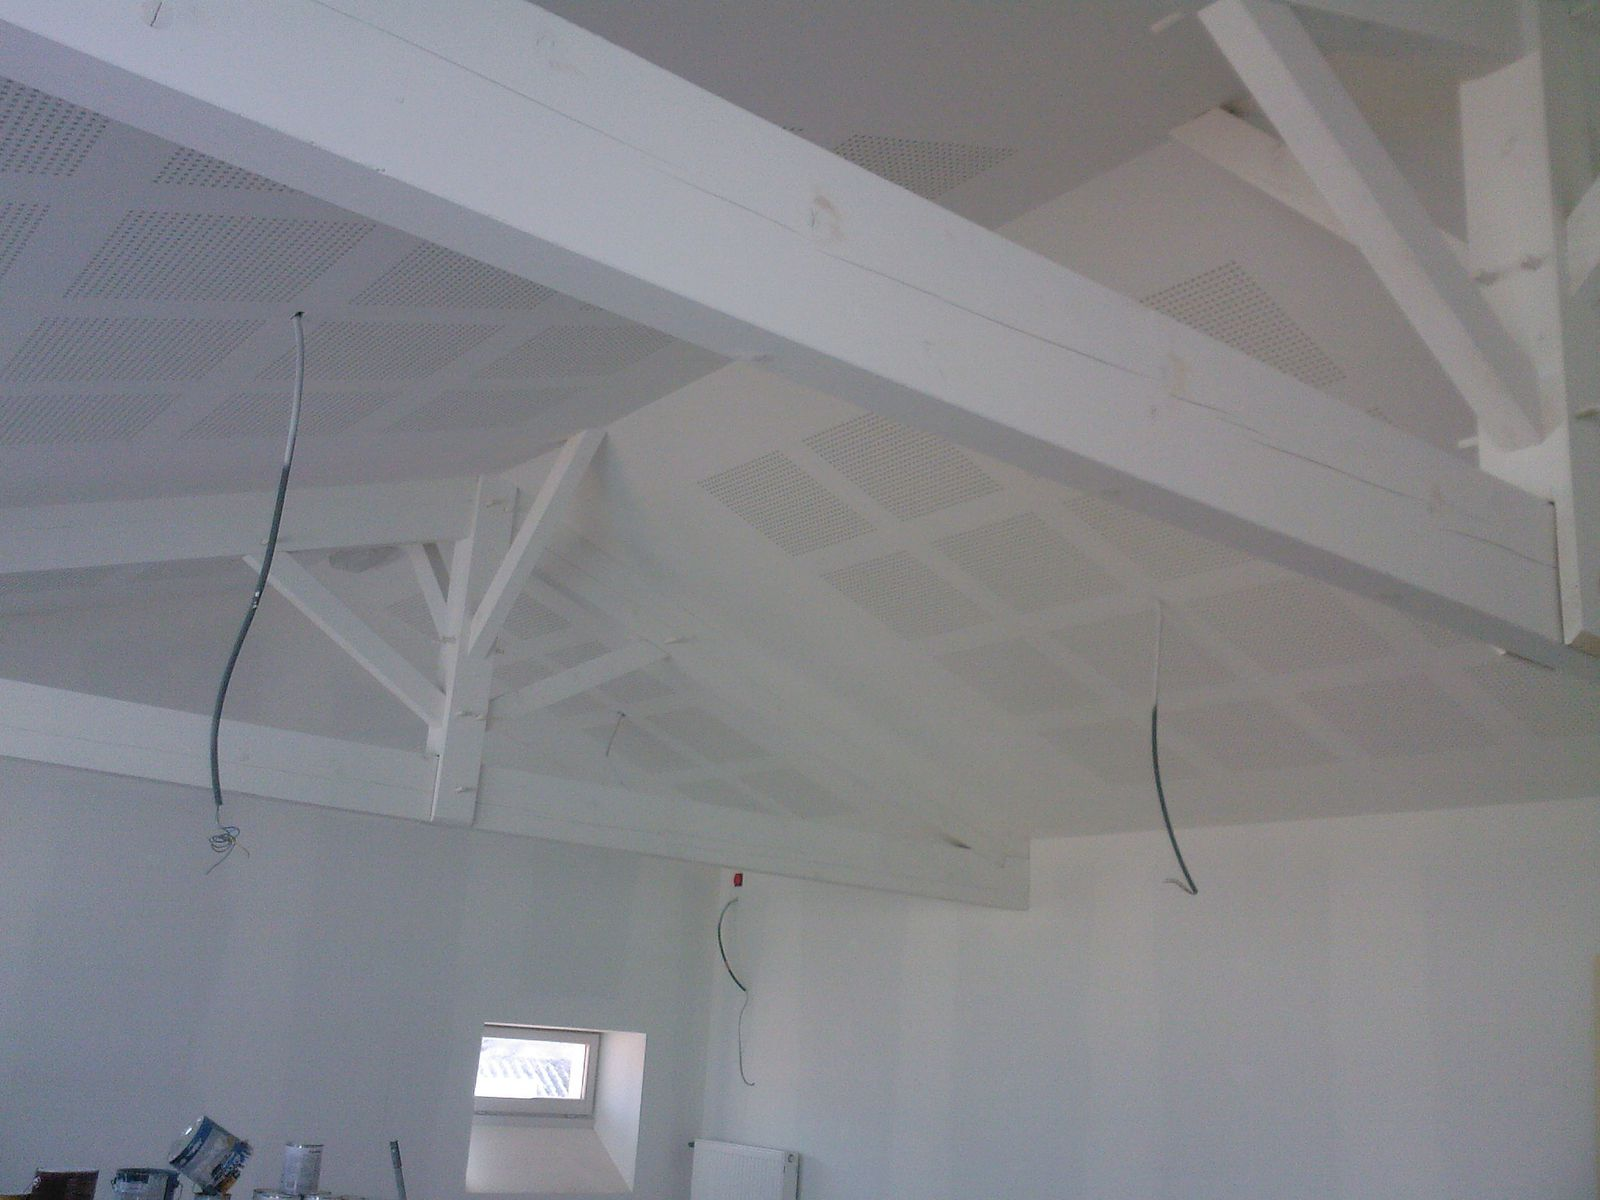 Plafond suspendu peinture auto entrepreneur s h services for Peinture plafond